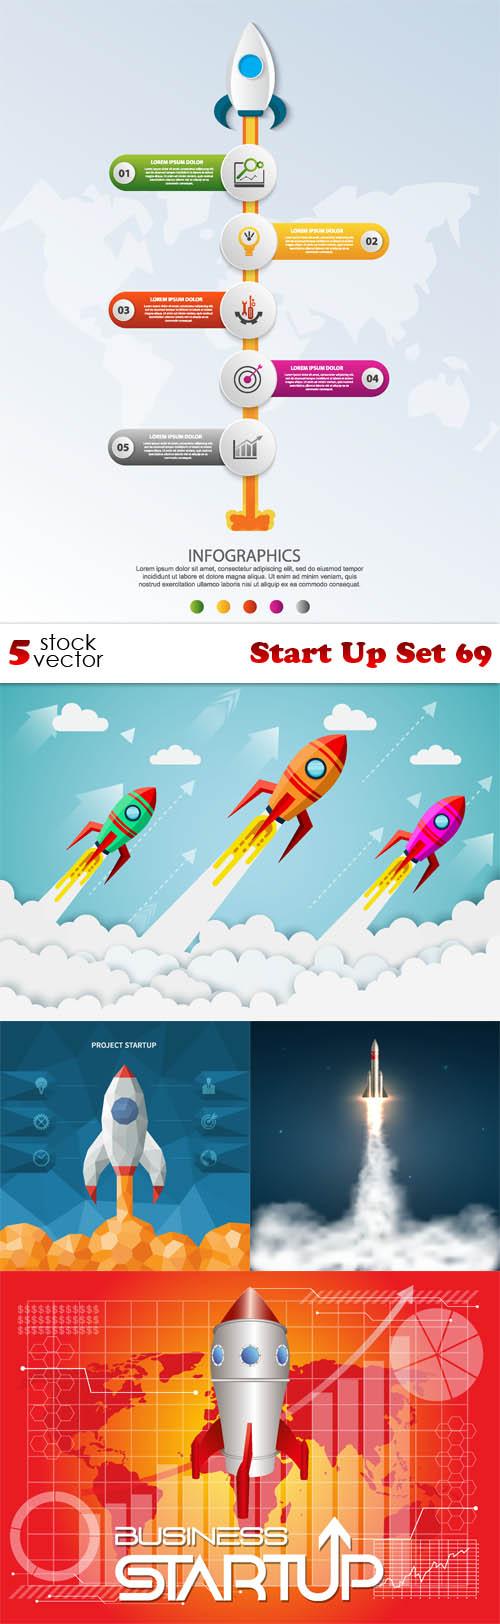 Vectors - Start Up Set 69